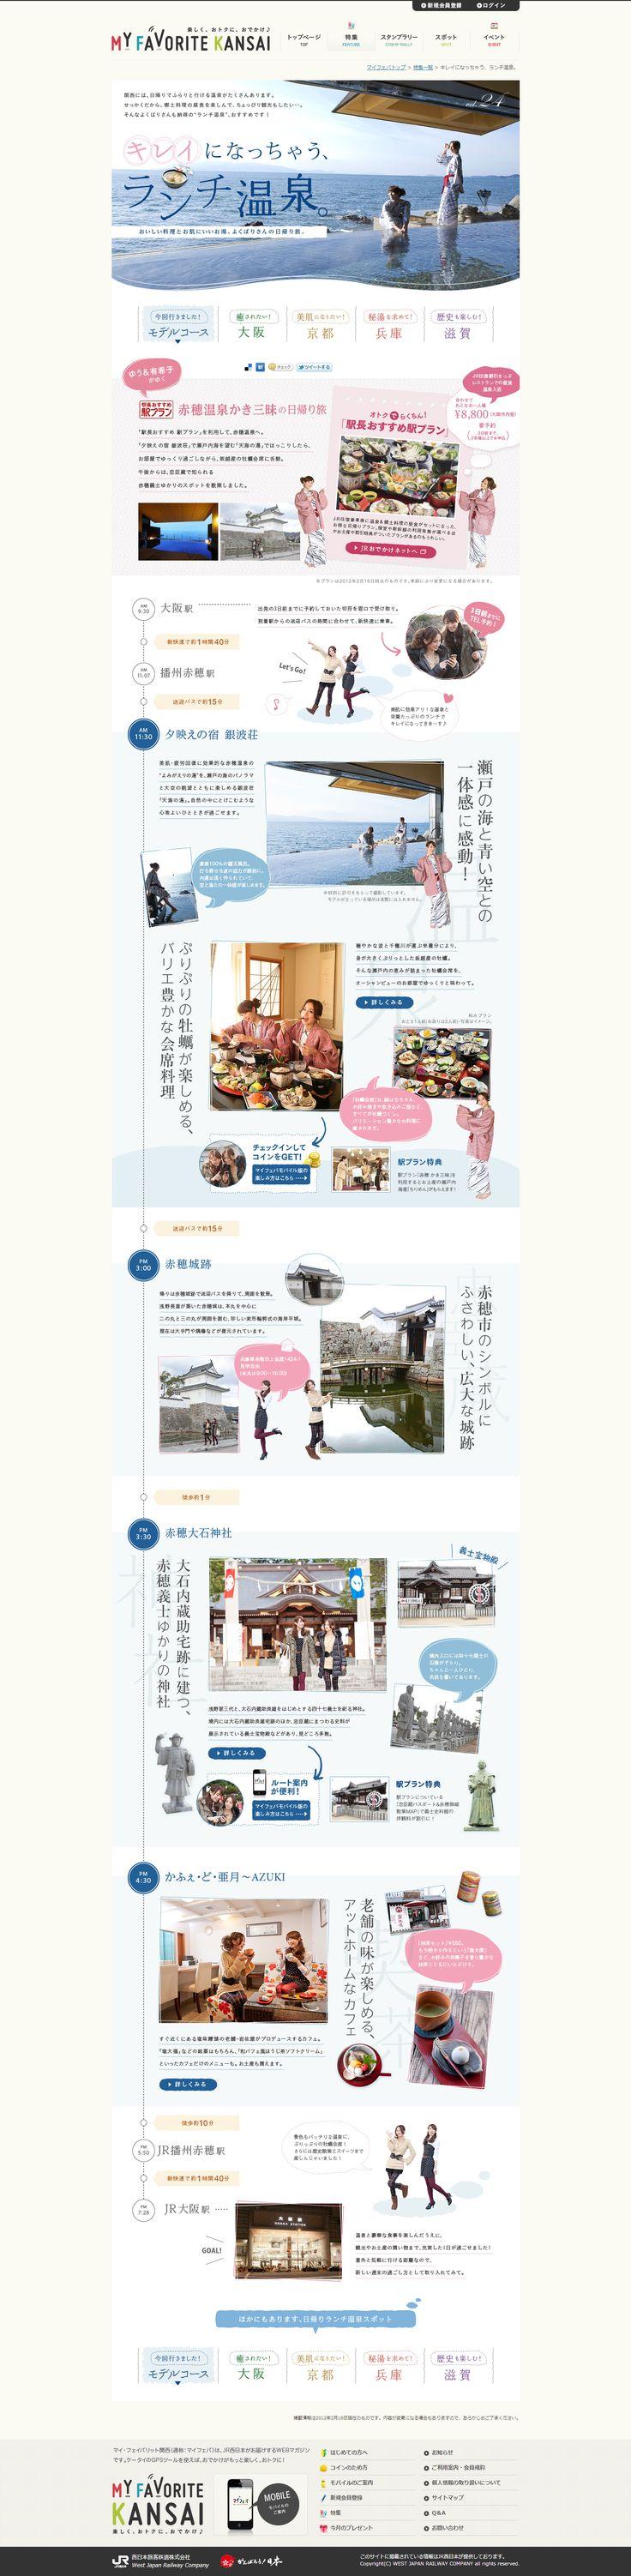 【特集Vol.24】キレイになっちゃう、ランチ温泉。:マイ・フェイバリット関西.png